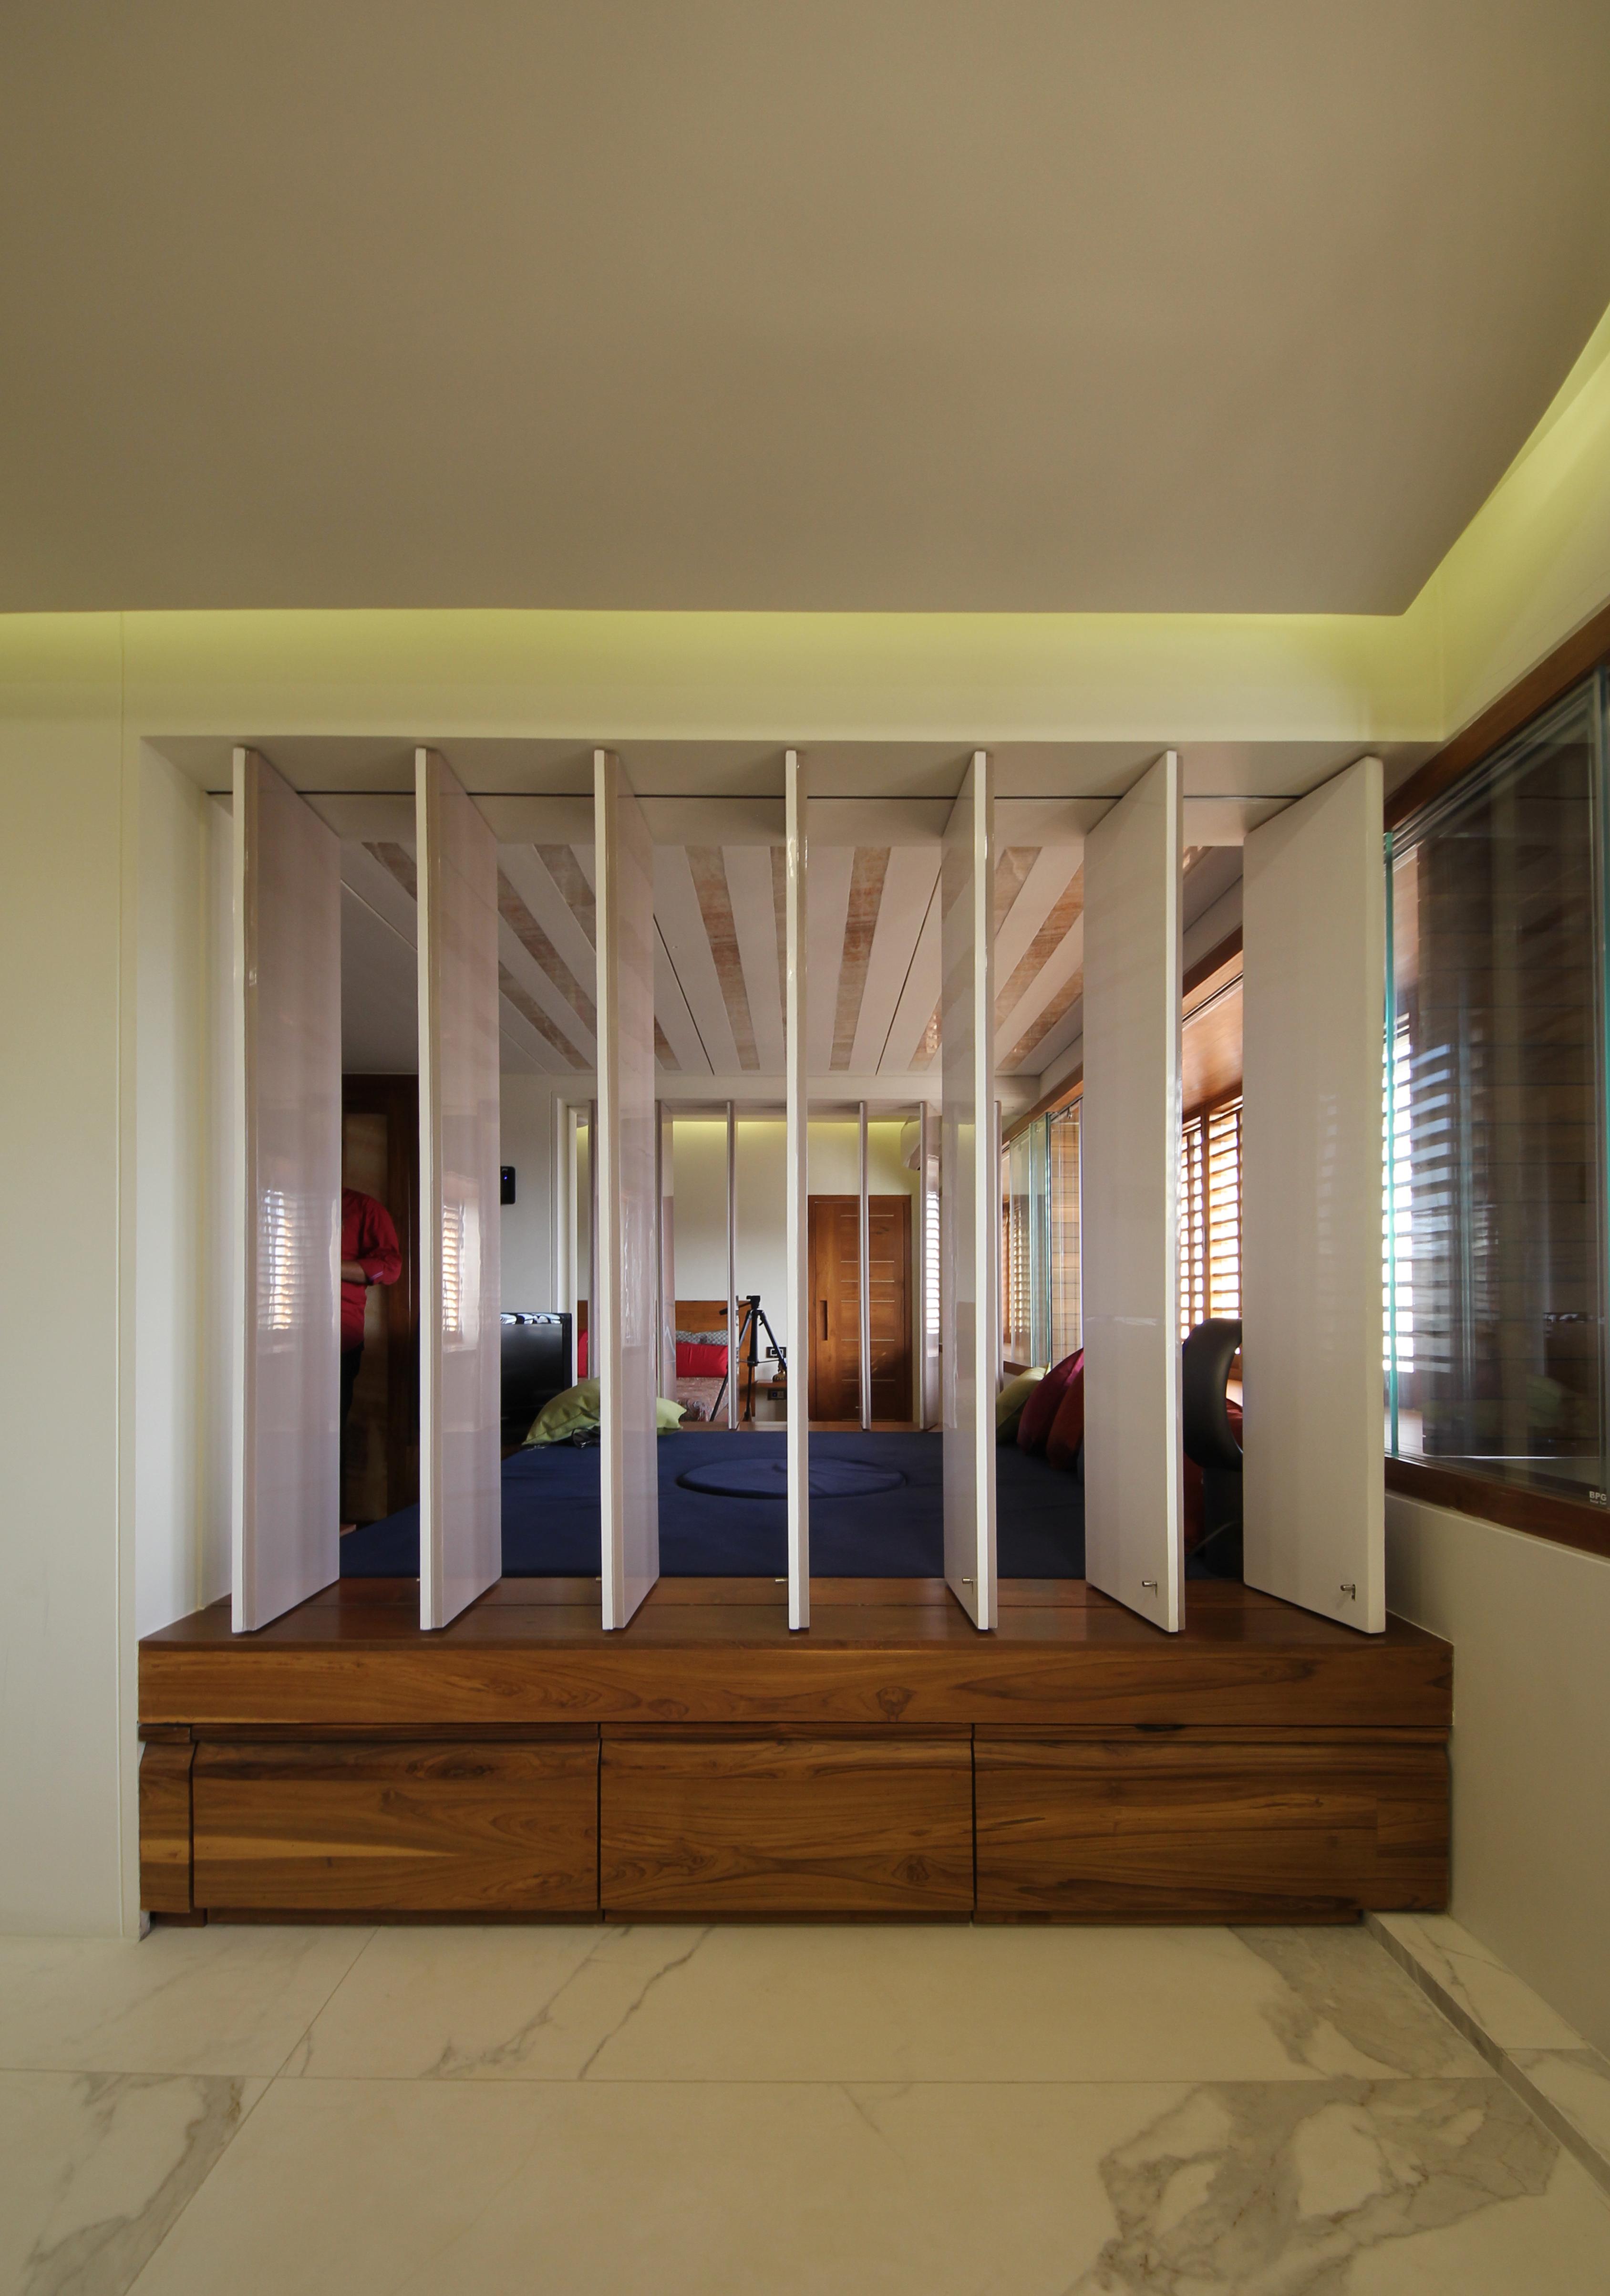 partition between bedrooms